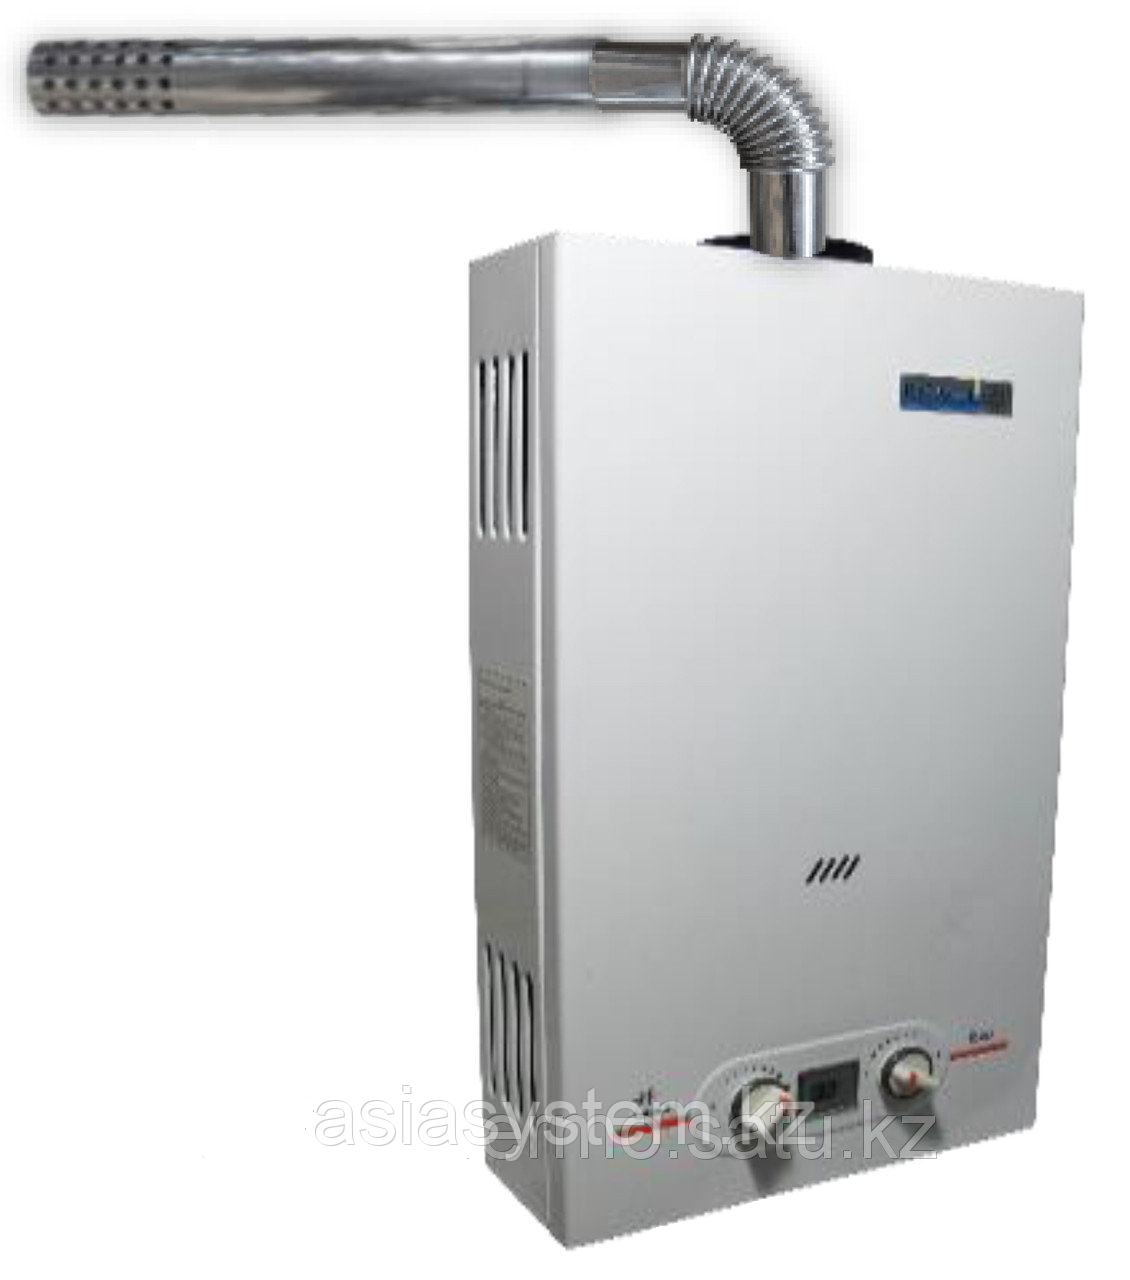 RIGA 10f проточный газовый водонагреватель (колонка)